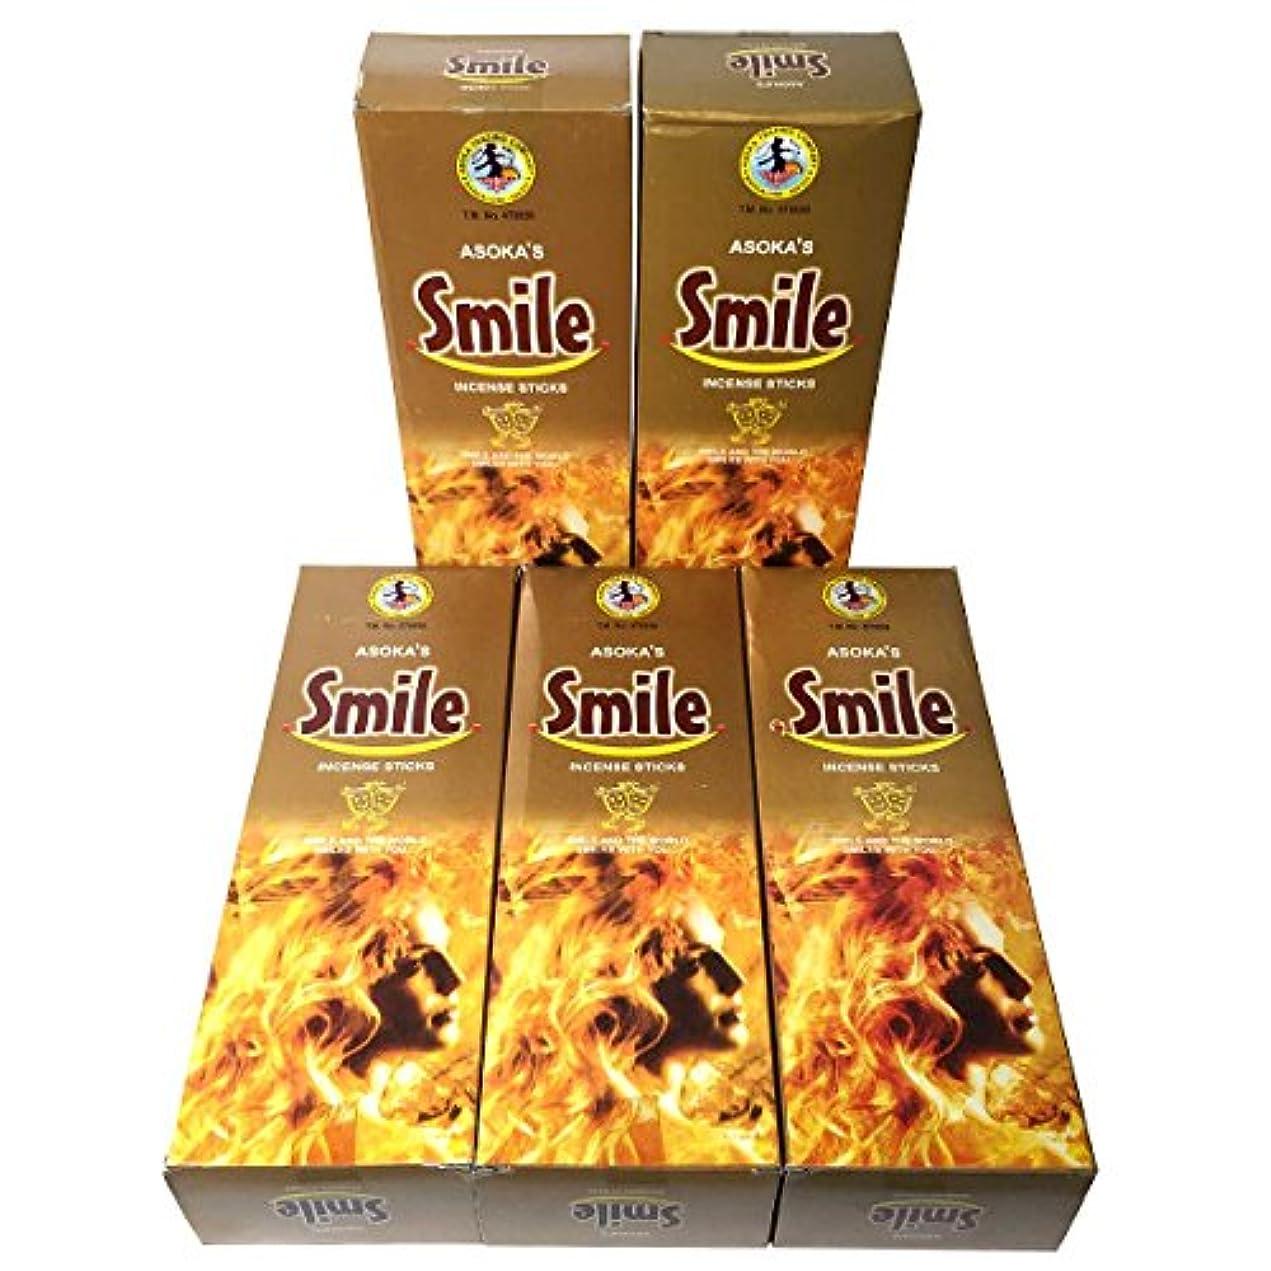 しなやかうまれたそうスマイル香スティック 5BOX(30箱)/ASOKA SMILE/ インド香 / 送料無料 [並行輸入品]